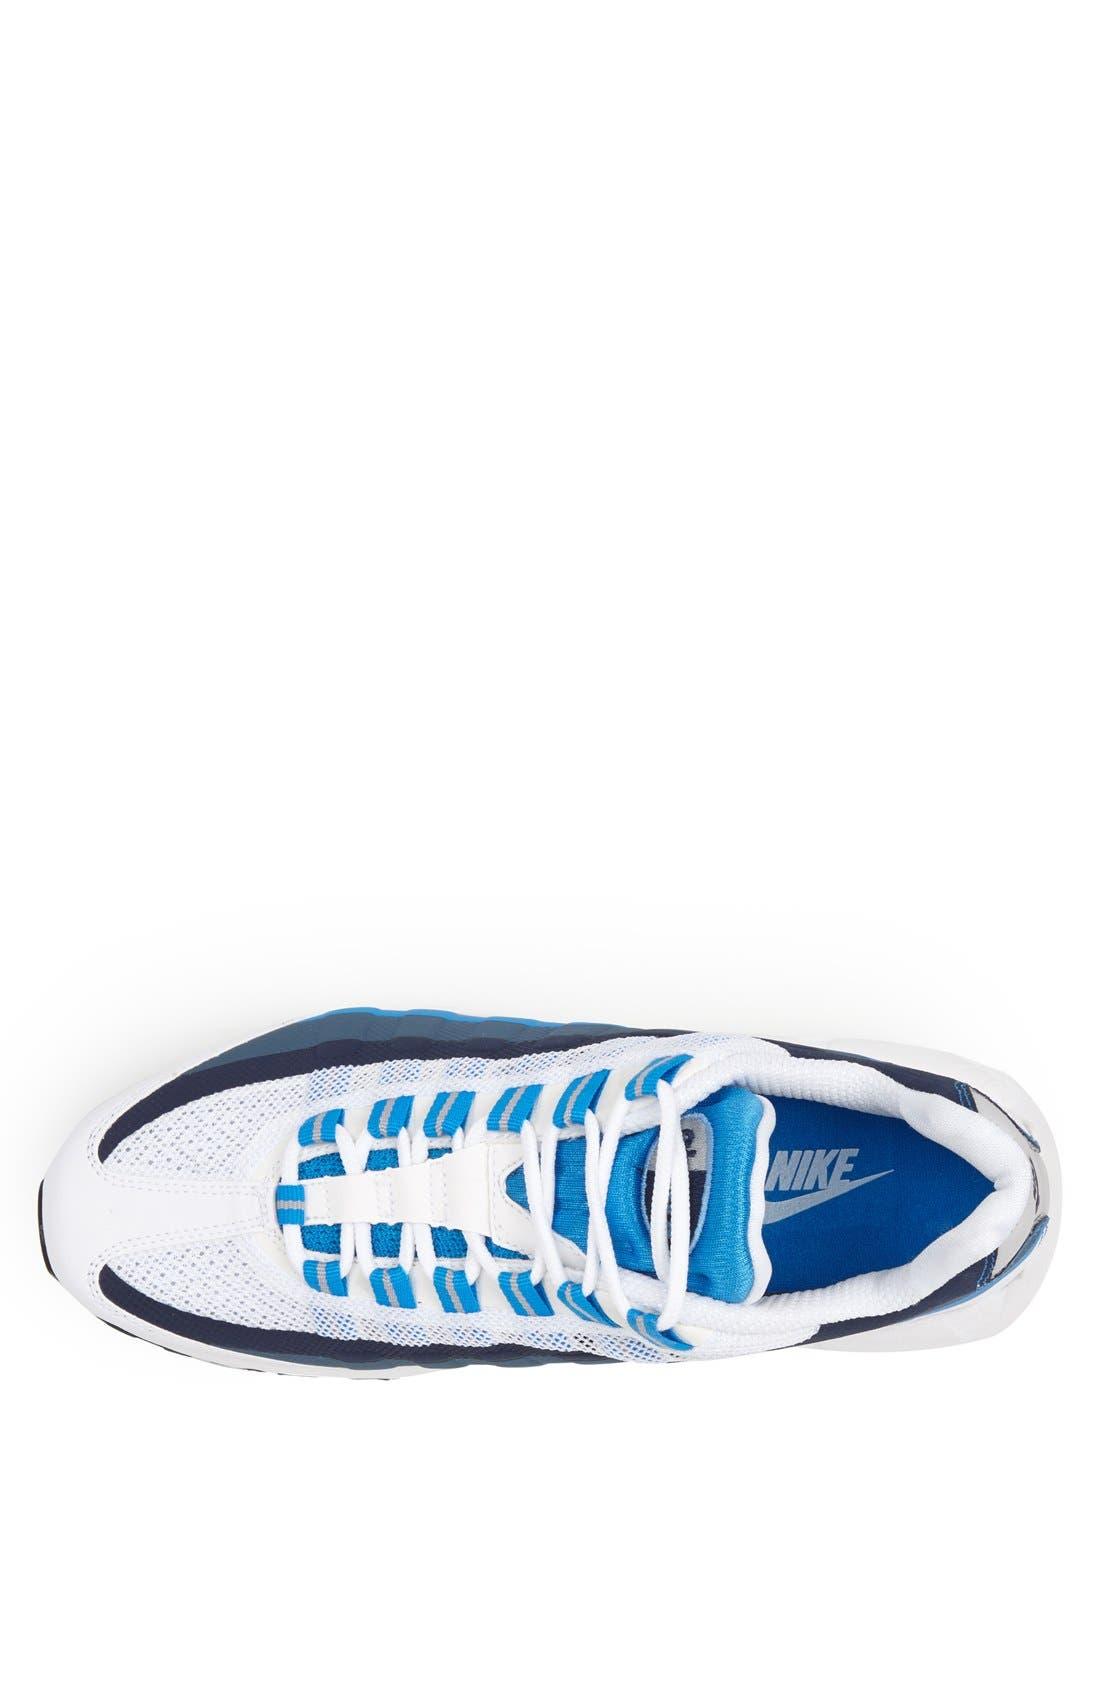 Alternate Image 3  - Nike 'Air Max 95 No Sew' Sneaker (Men)